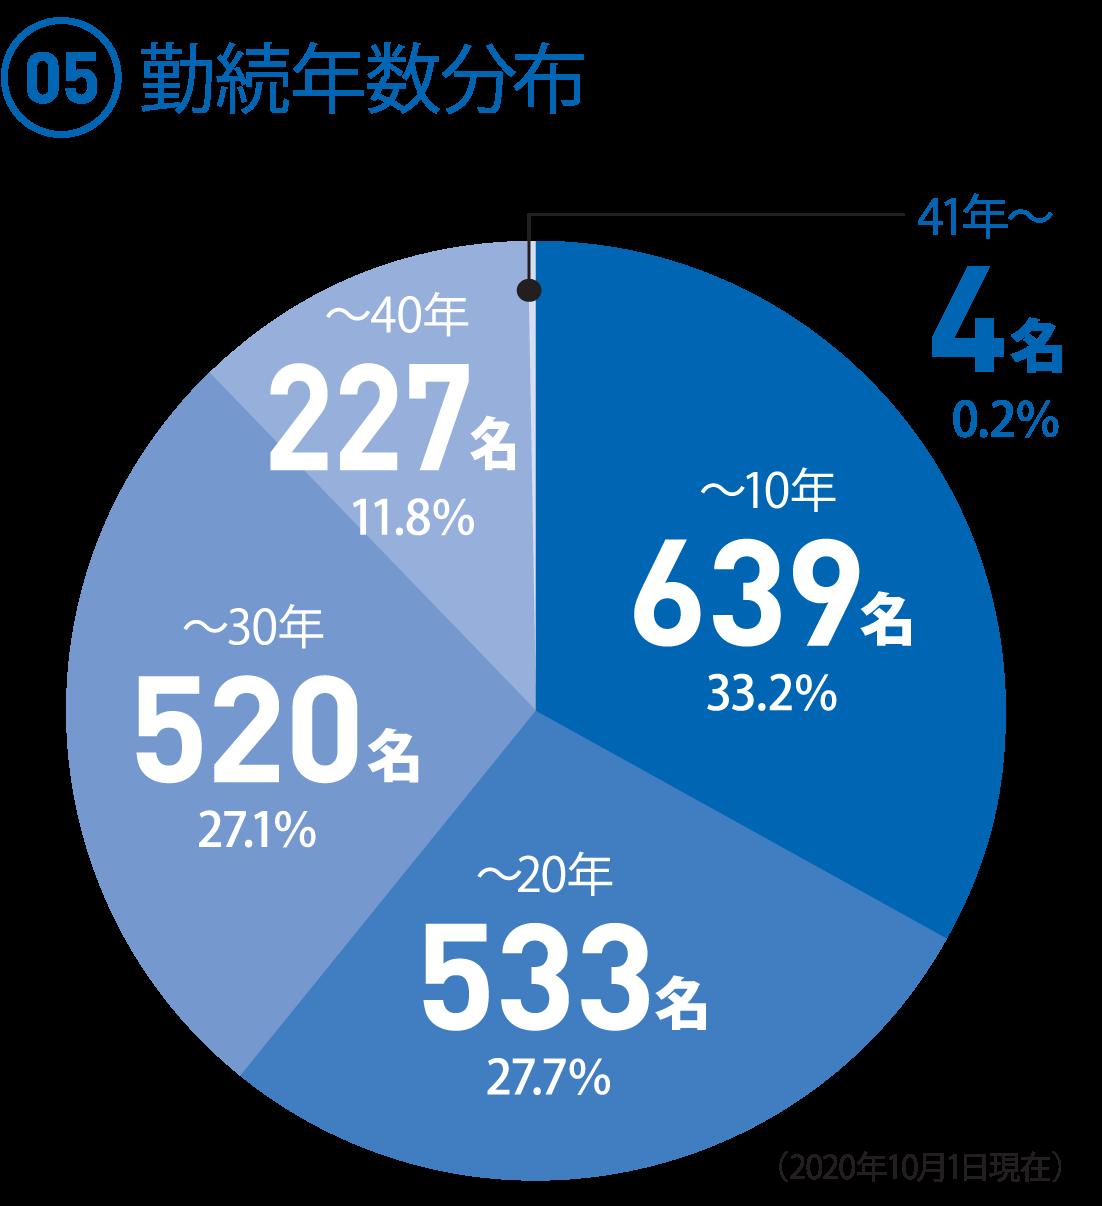 (05)勤続年数分布 ◯~10年 639人 33.2% ◯~20年 533人 27.7% ◯~30年 520人 27.1% ◯~40年 227人 11.8% ◯41年~ 4人 0.2%